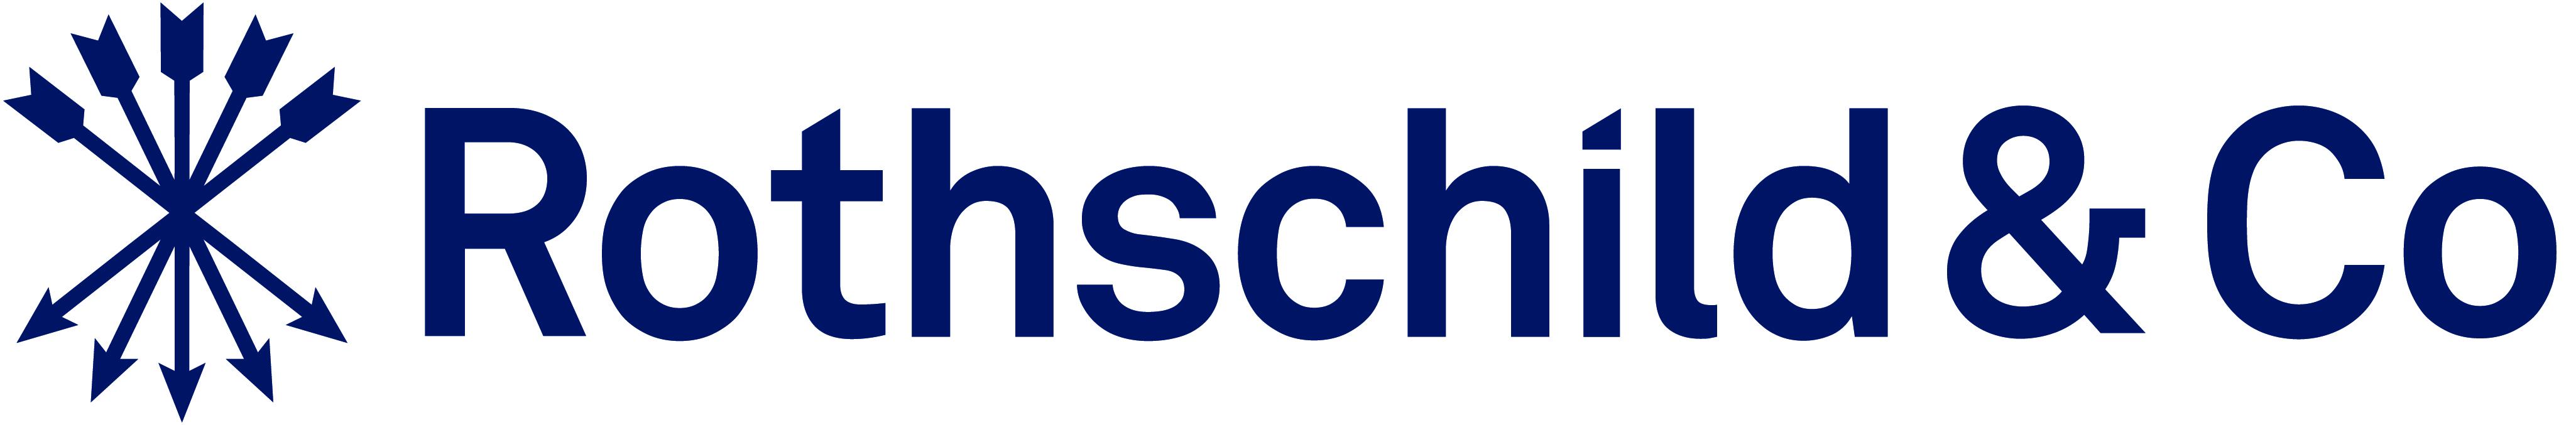 5 - rothschild